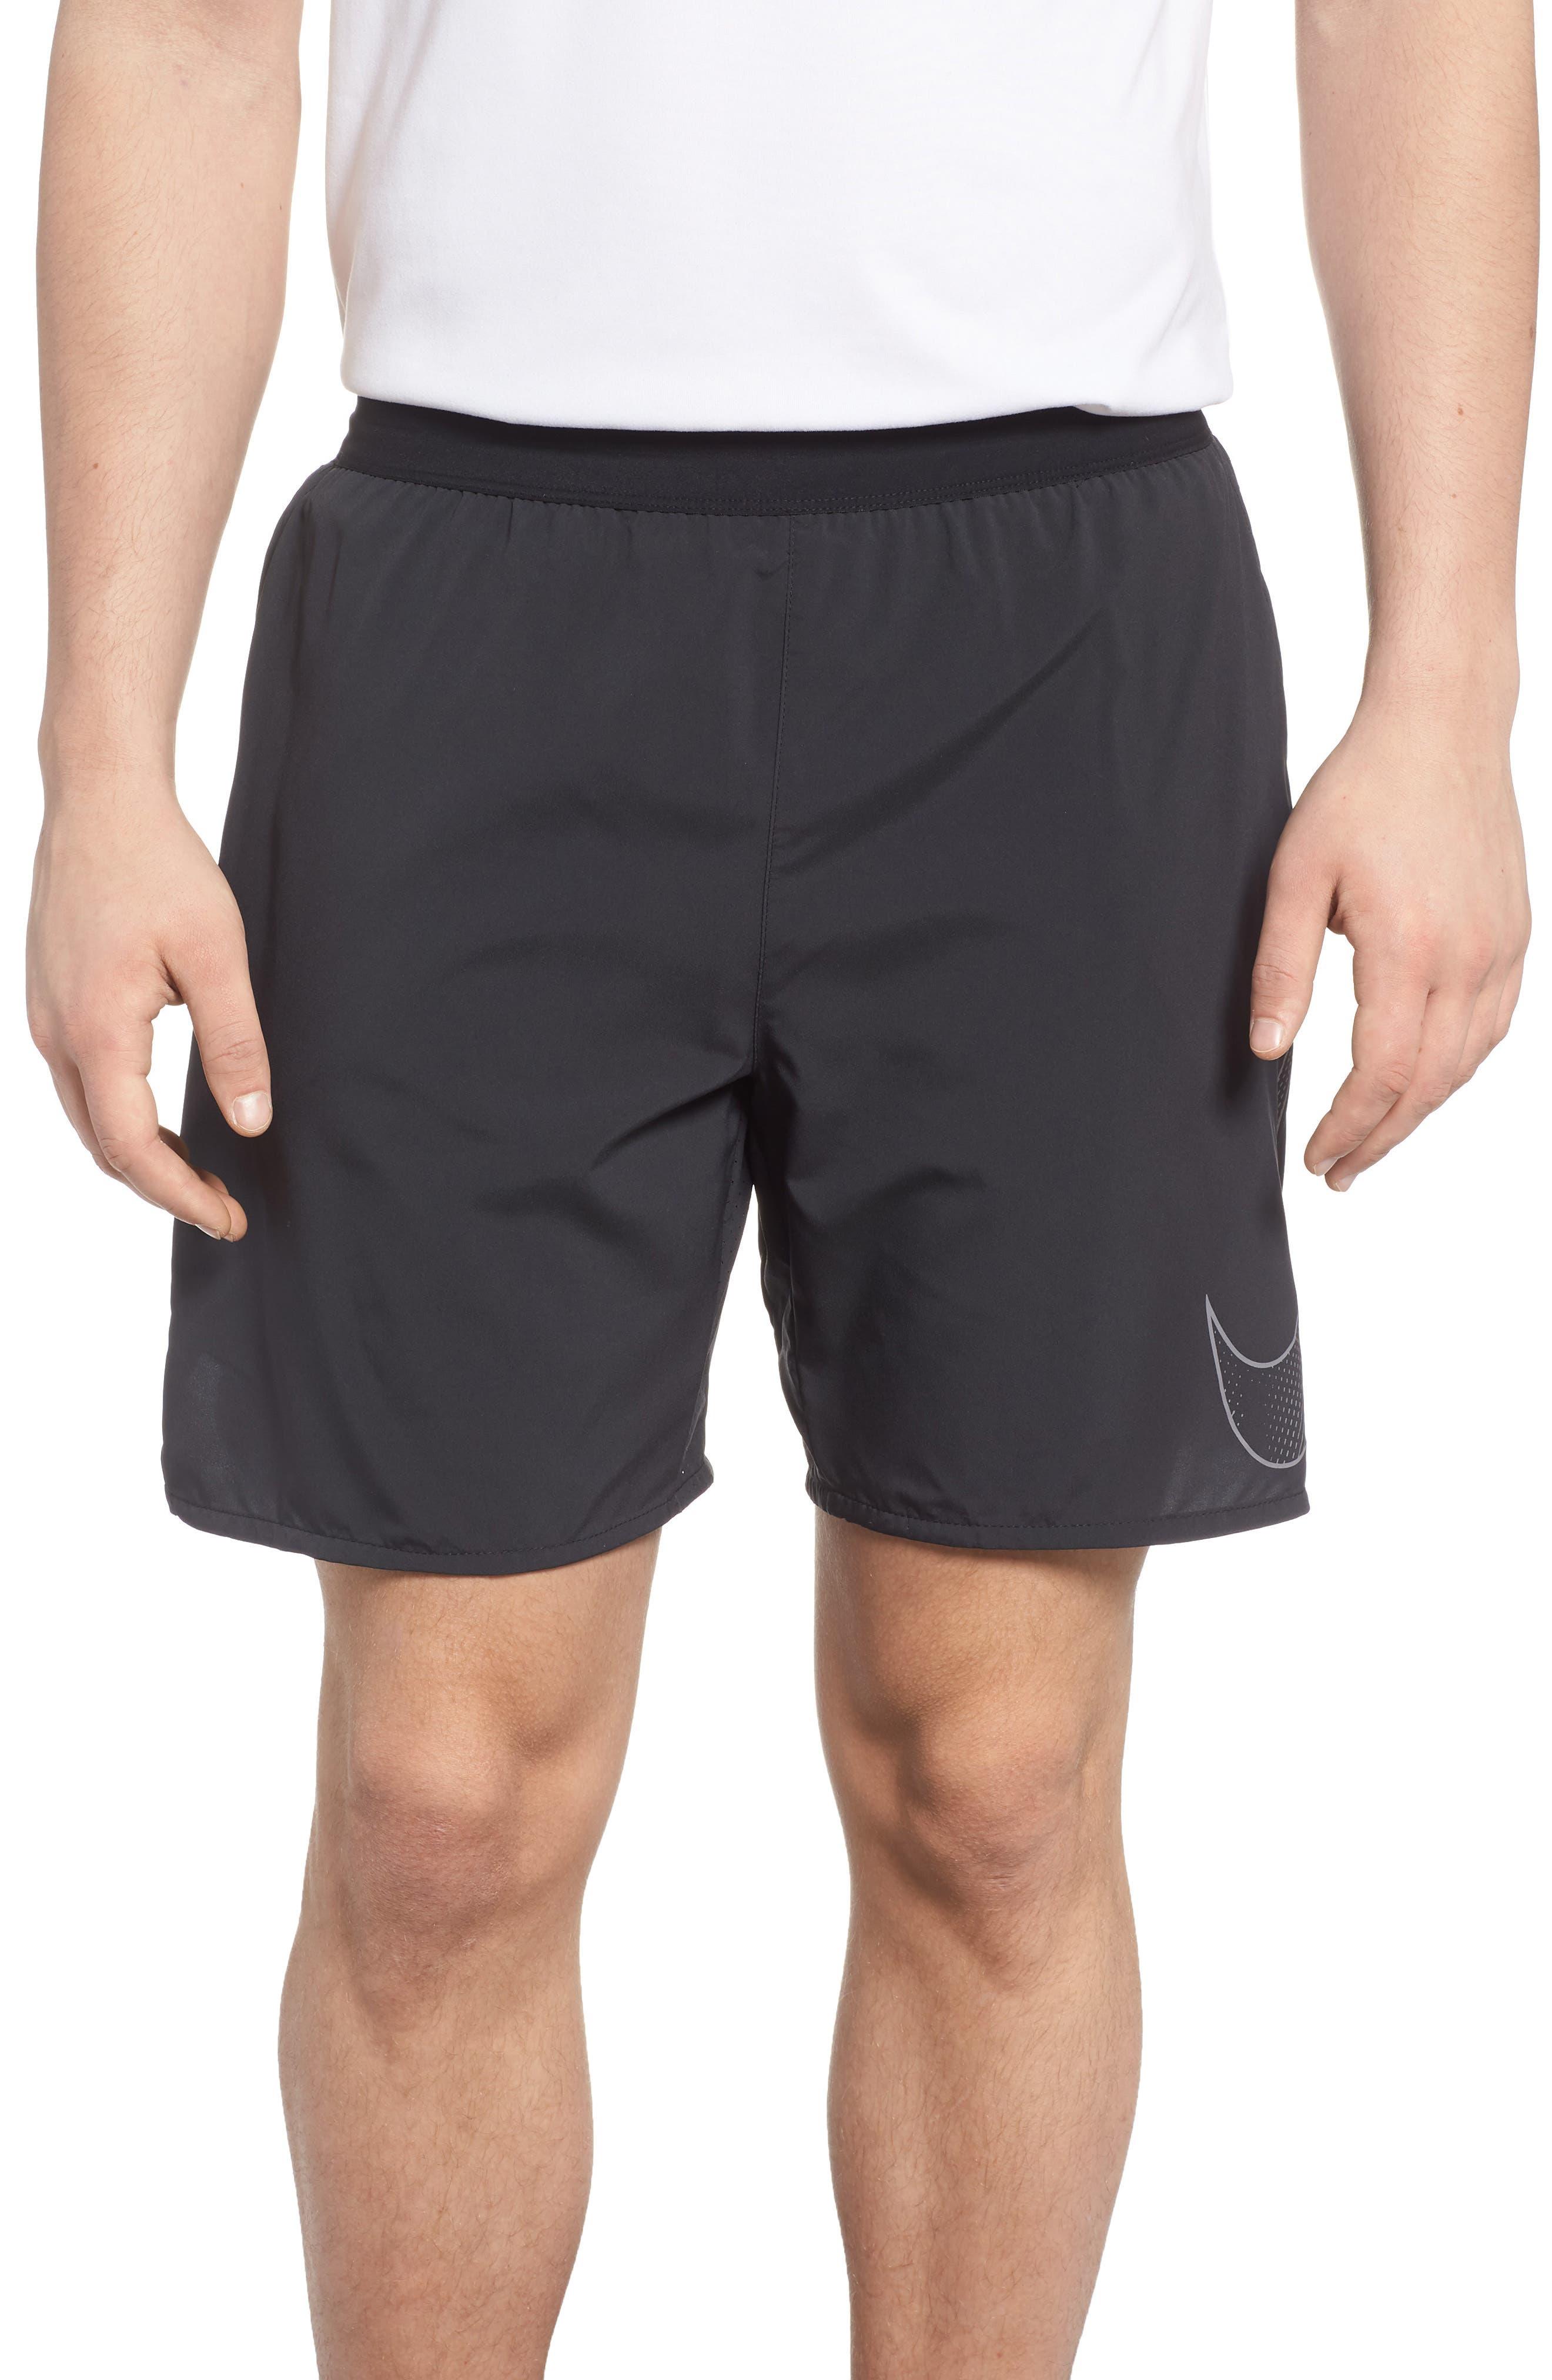 Flex Flash Distance Shorts,                         Main,                         color, Black/ Black